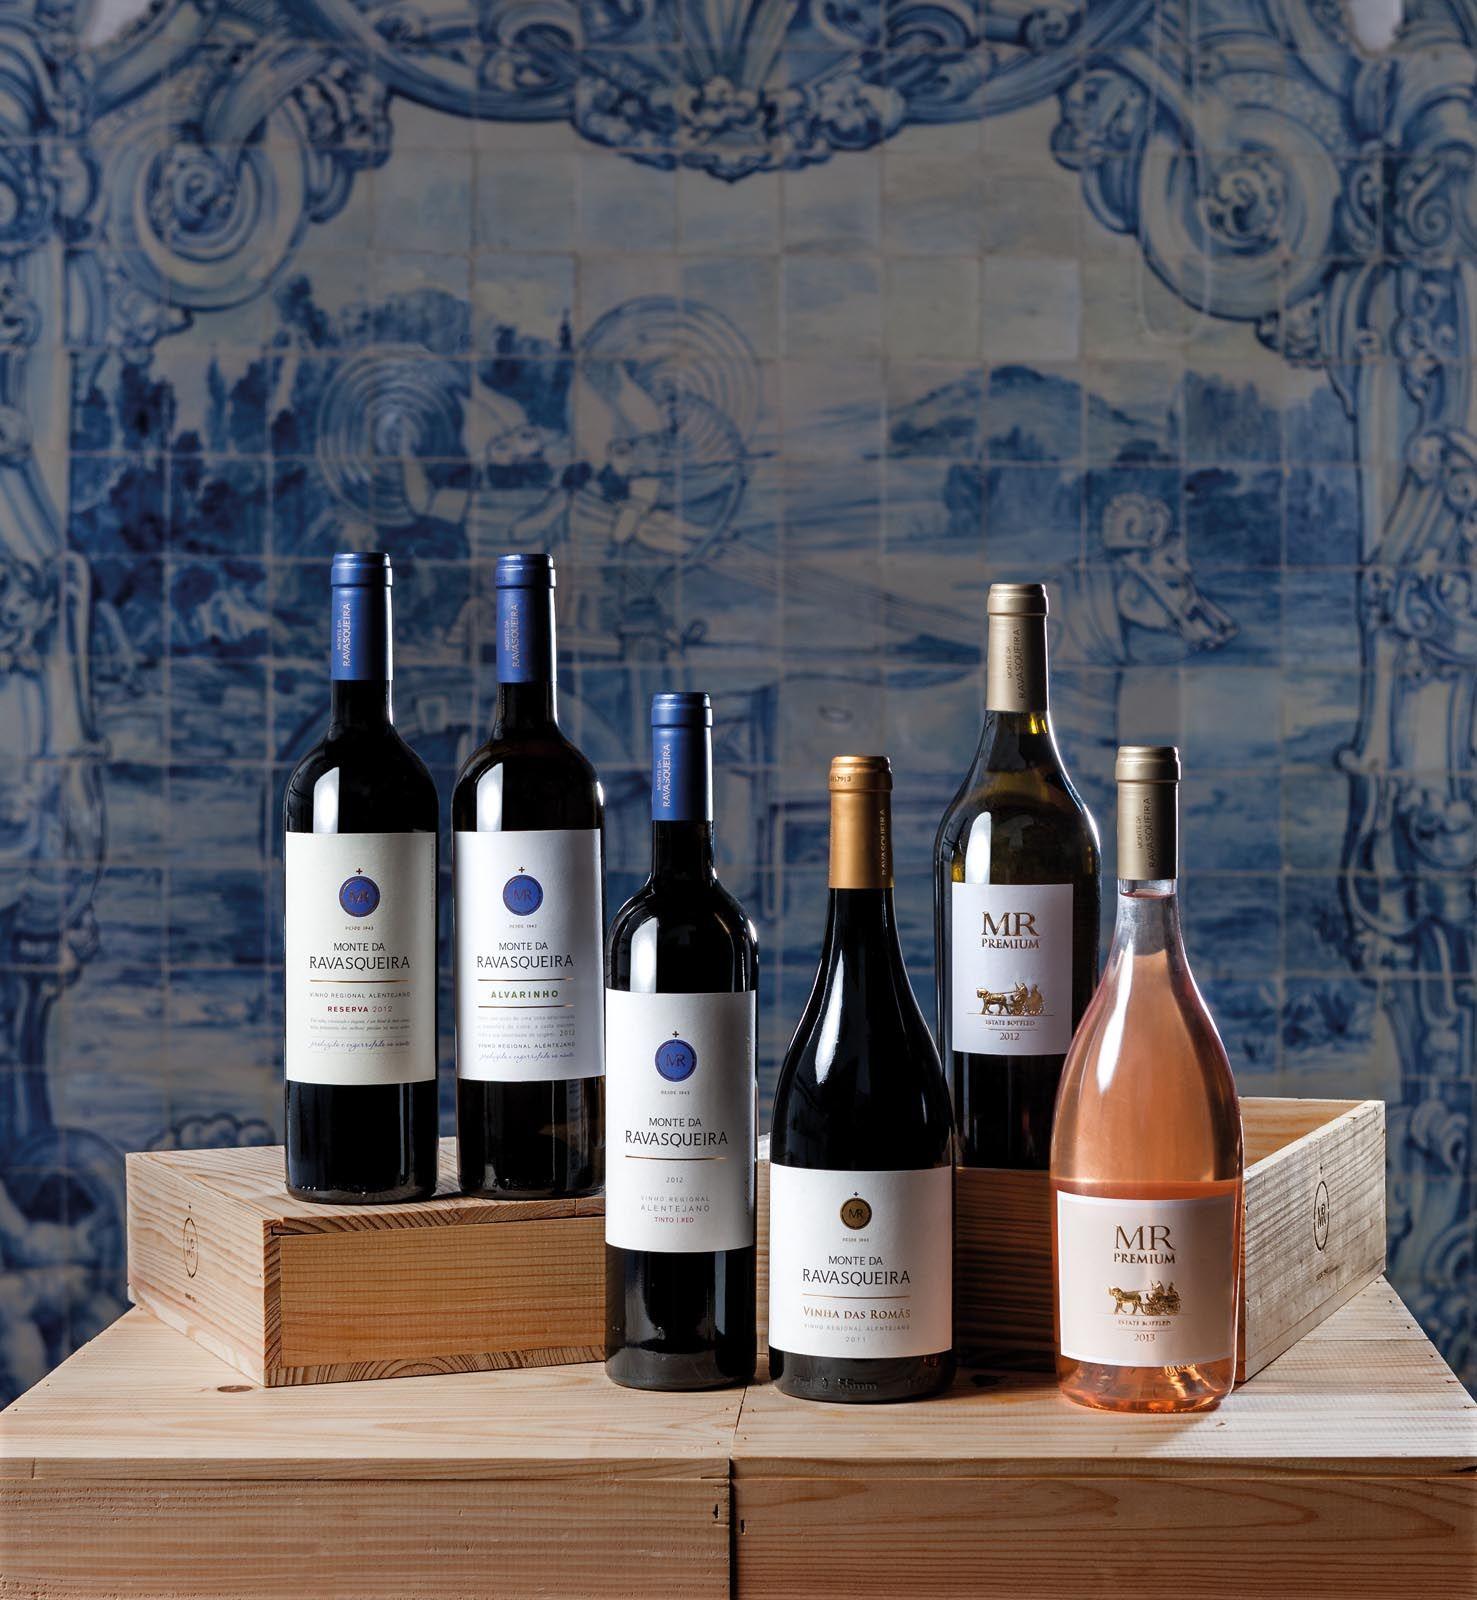 Monte da Ravasqueira é o Vinho Oficial do Congresso dos Cozinheiros